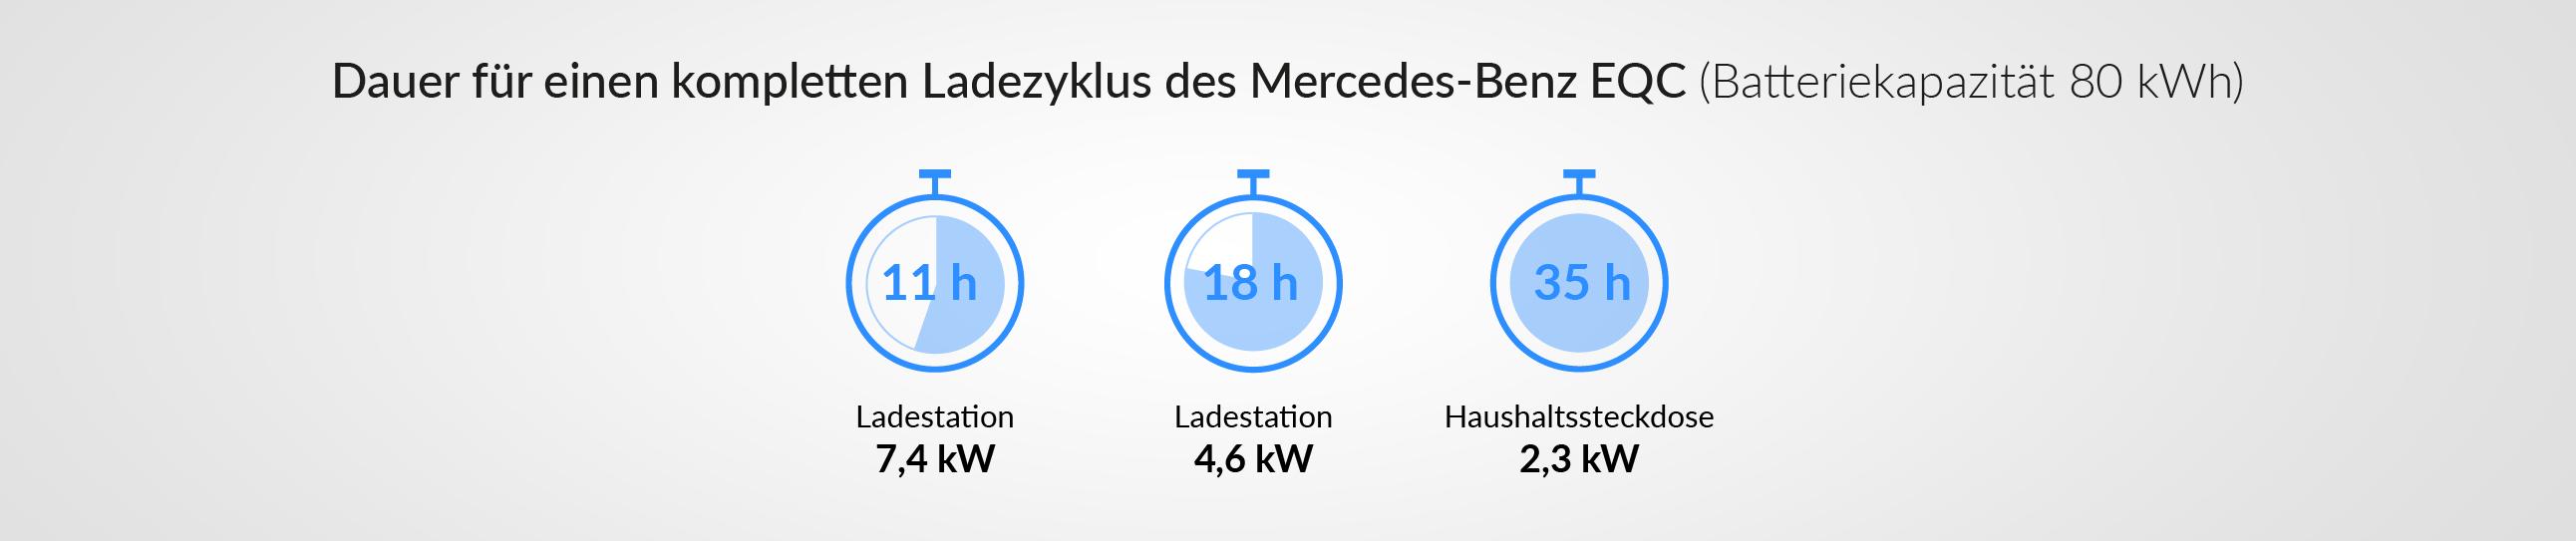 Ladezeiten des Mercedes-Benz EQC